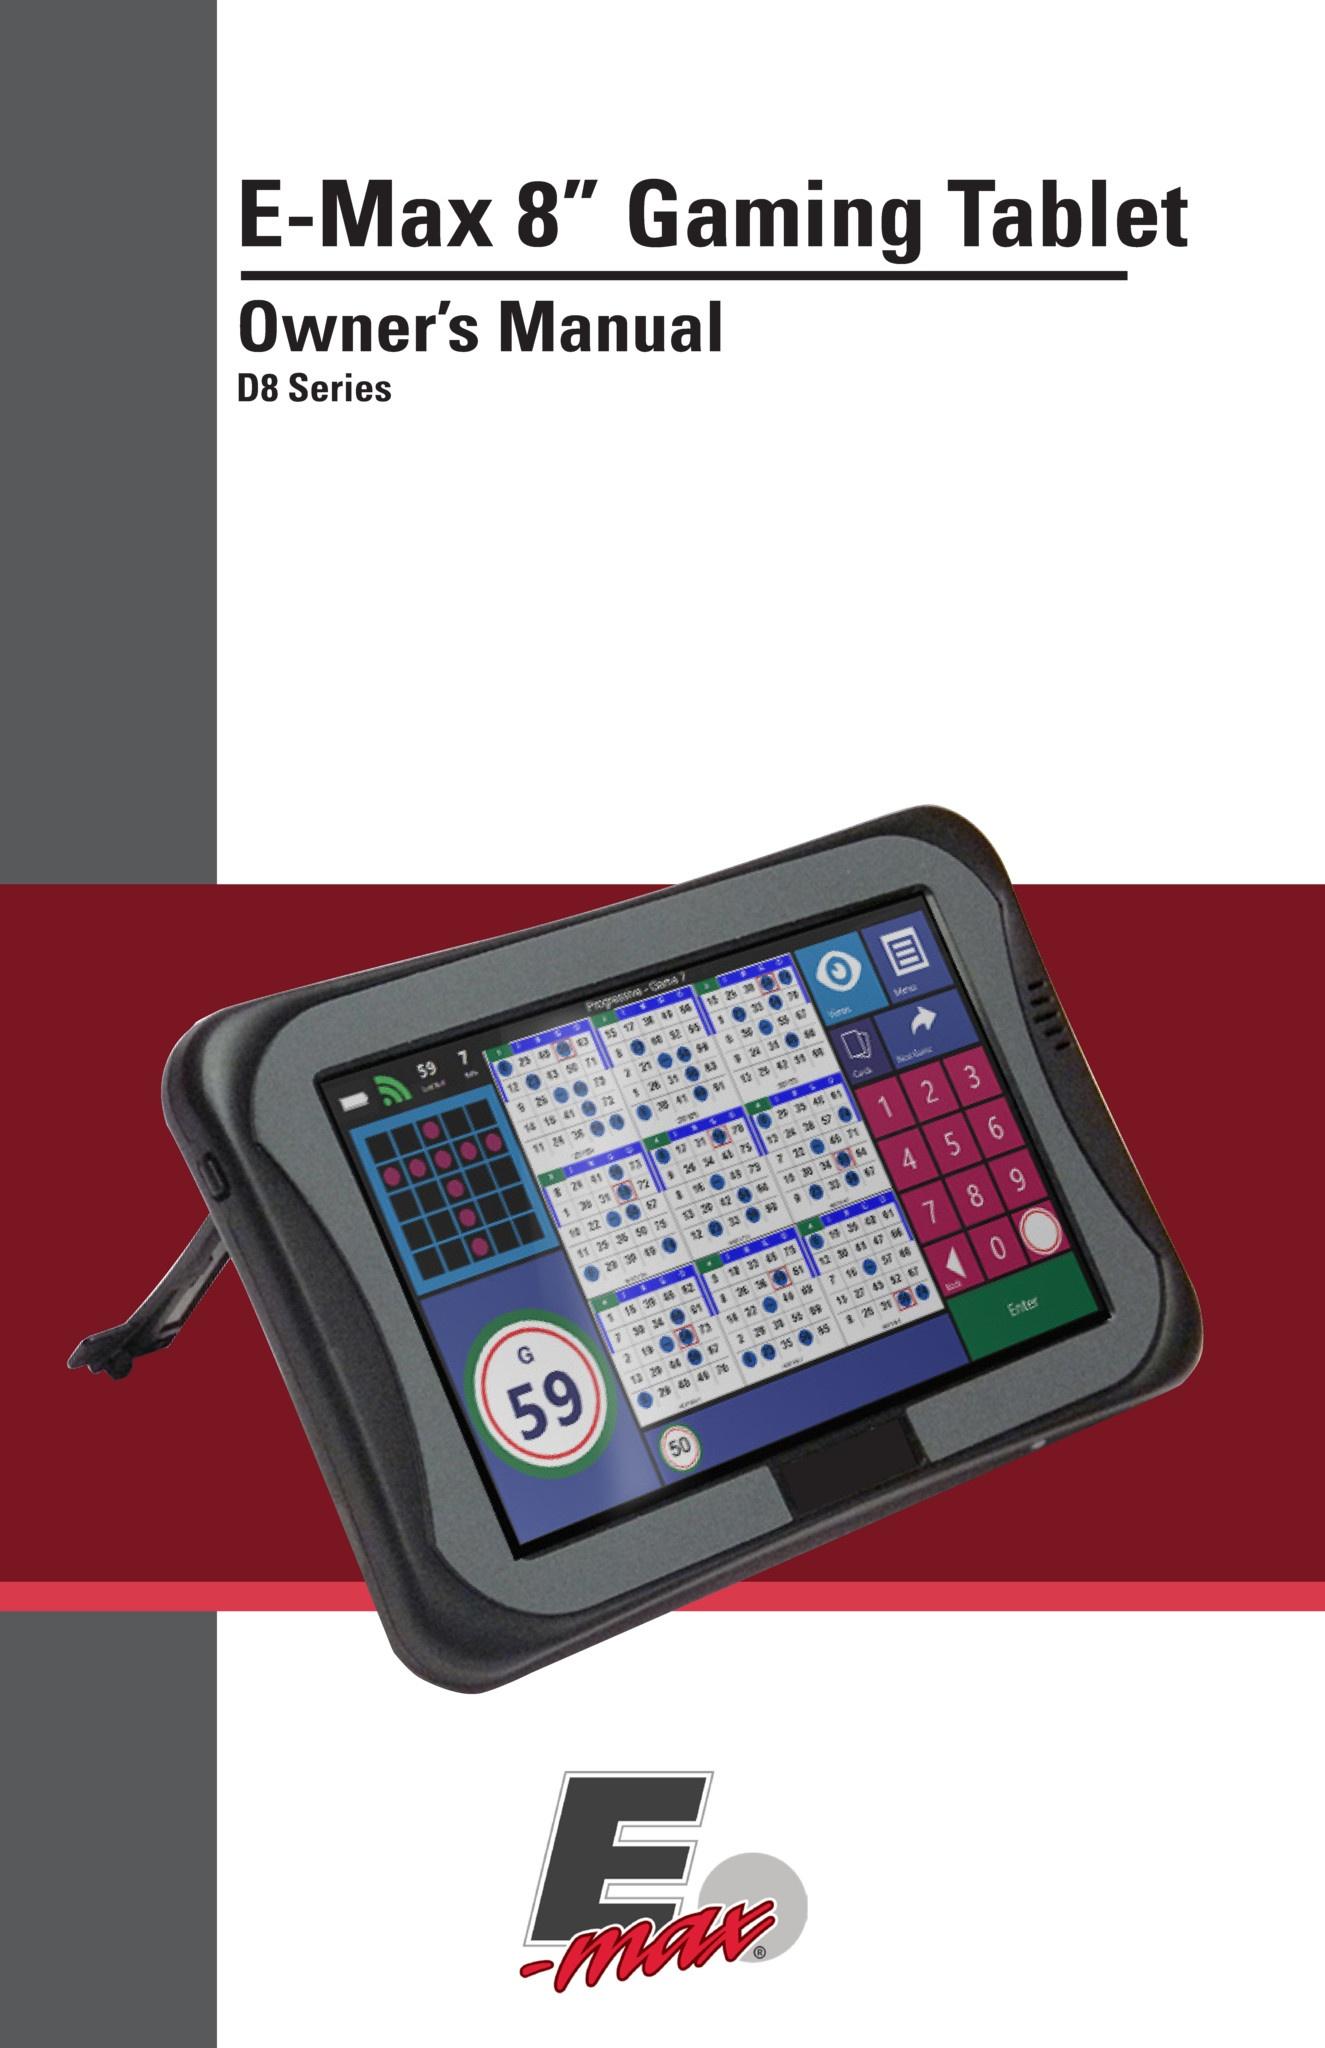 LD8 Manual Equipment Manuals